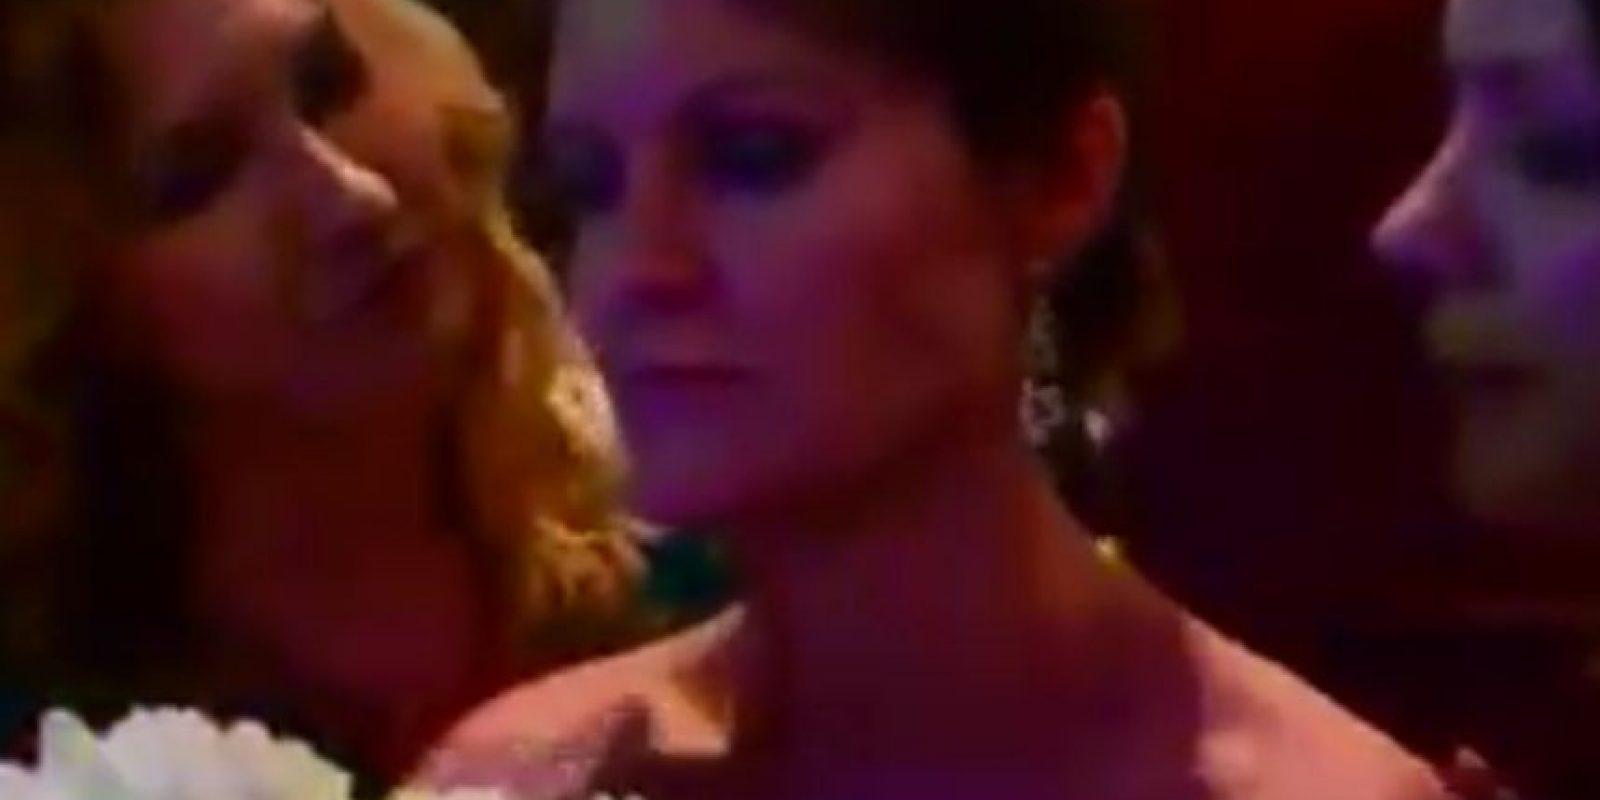 Esta es la cara de la desilusión Foto:Vía Youtube / Lussy Dan